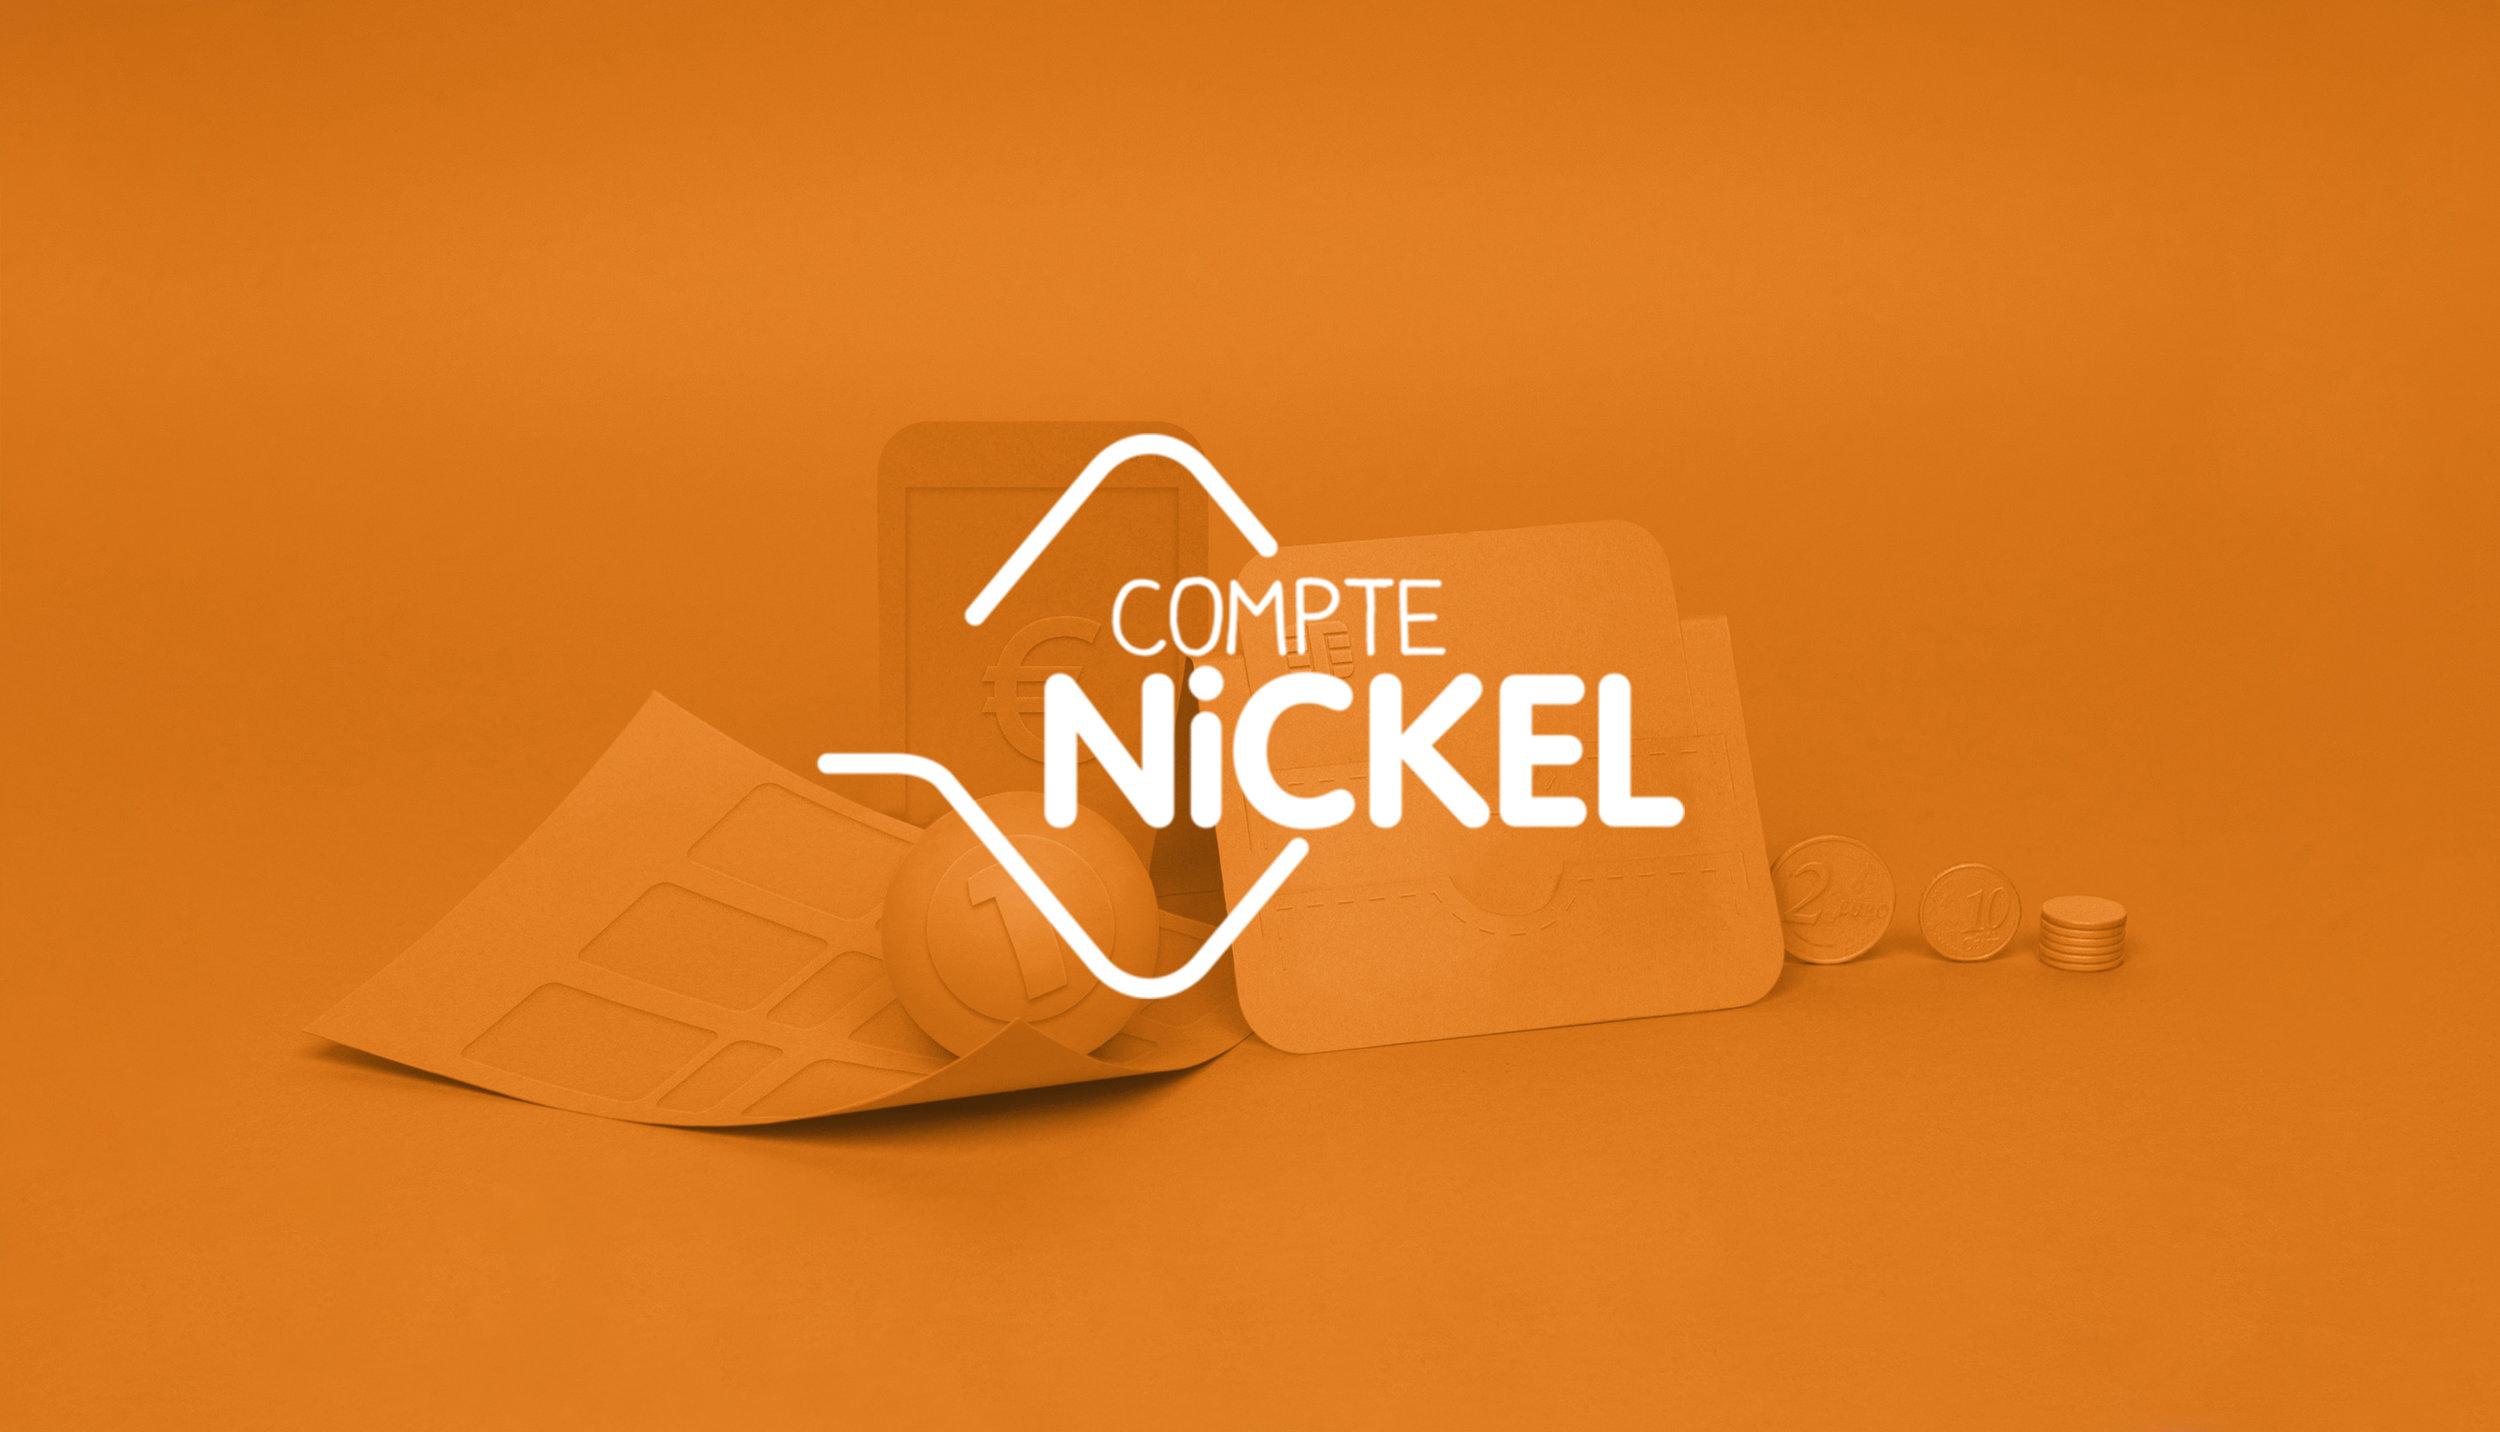 Nickel_logo.jpg